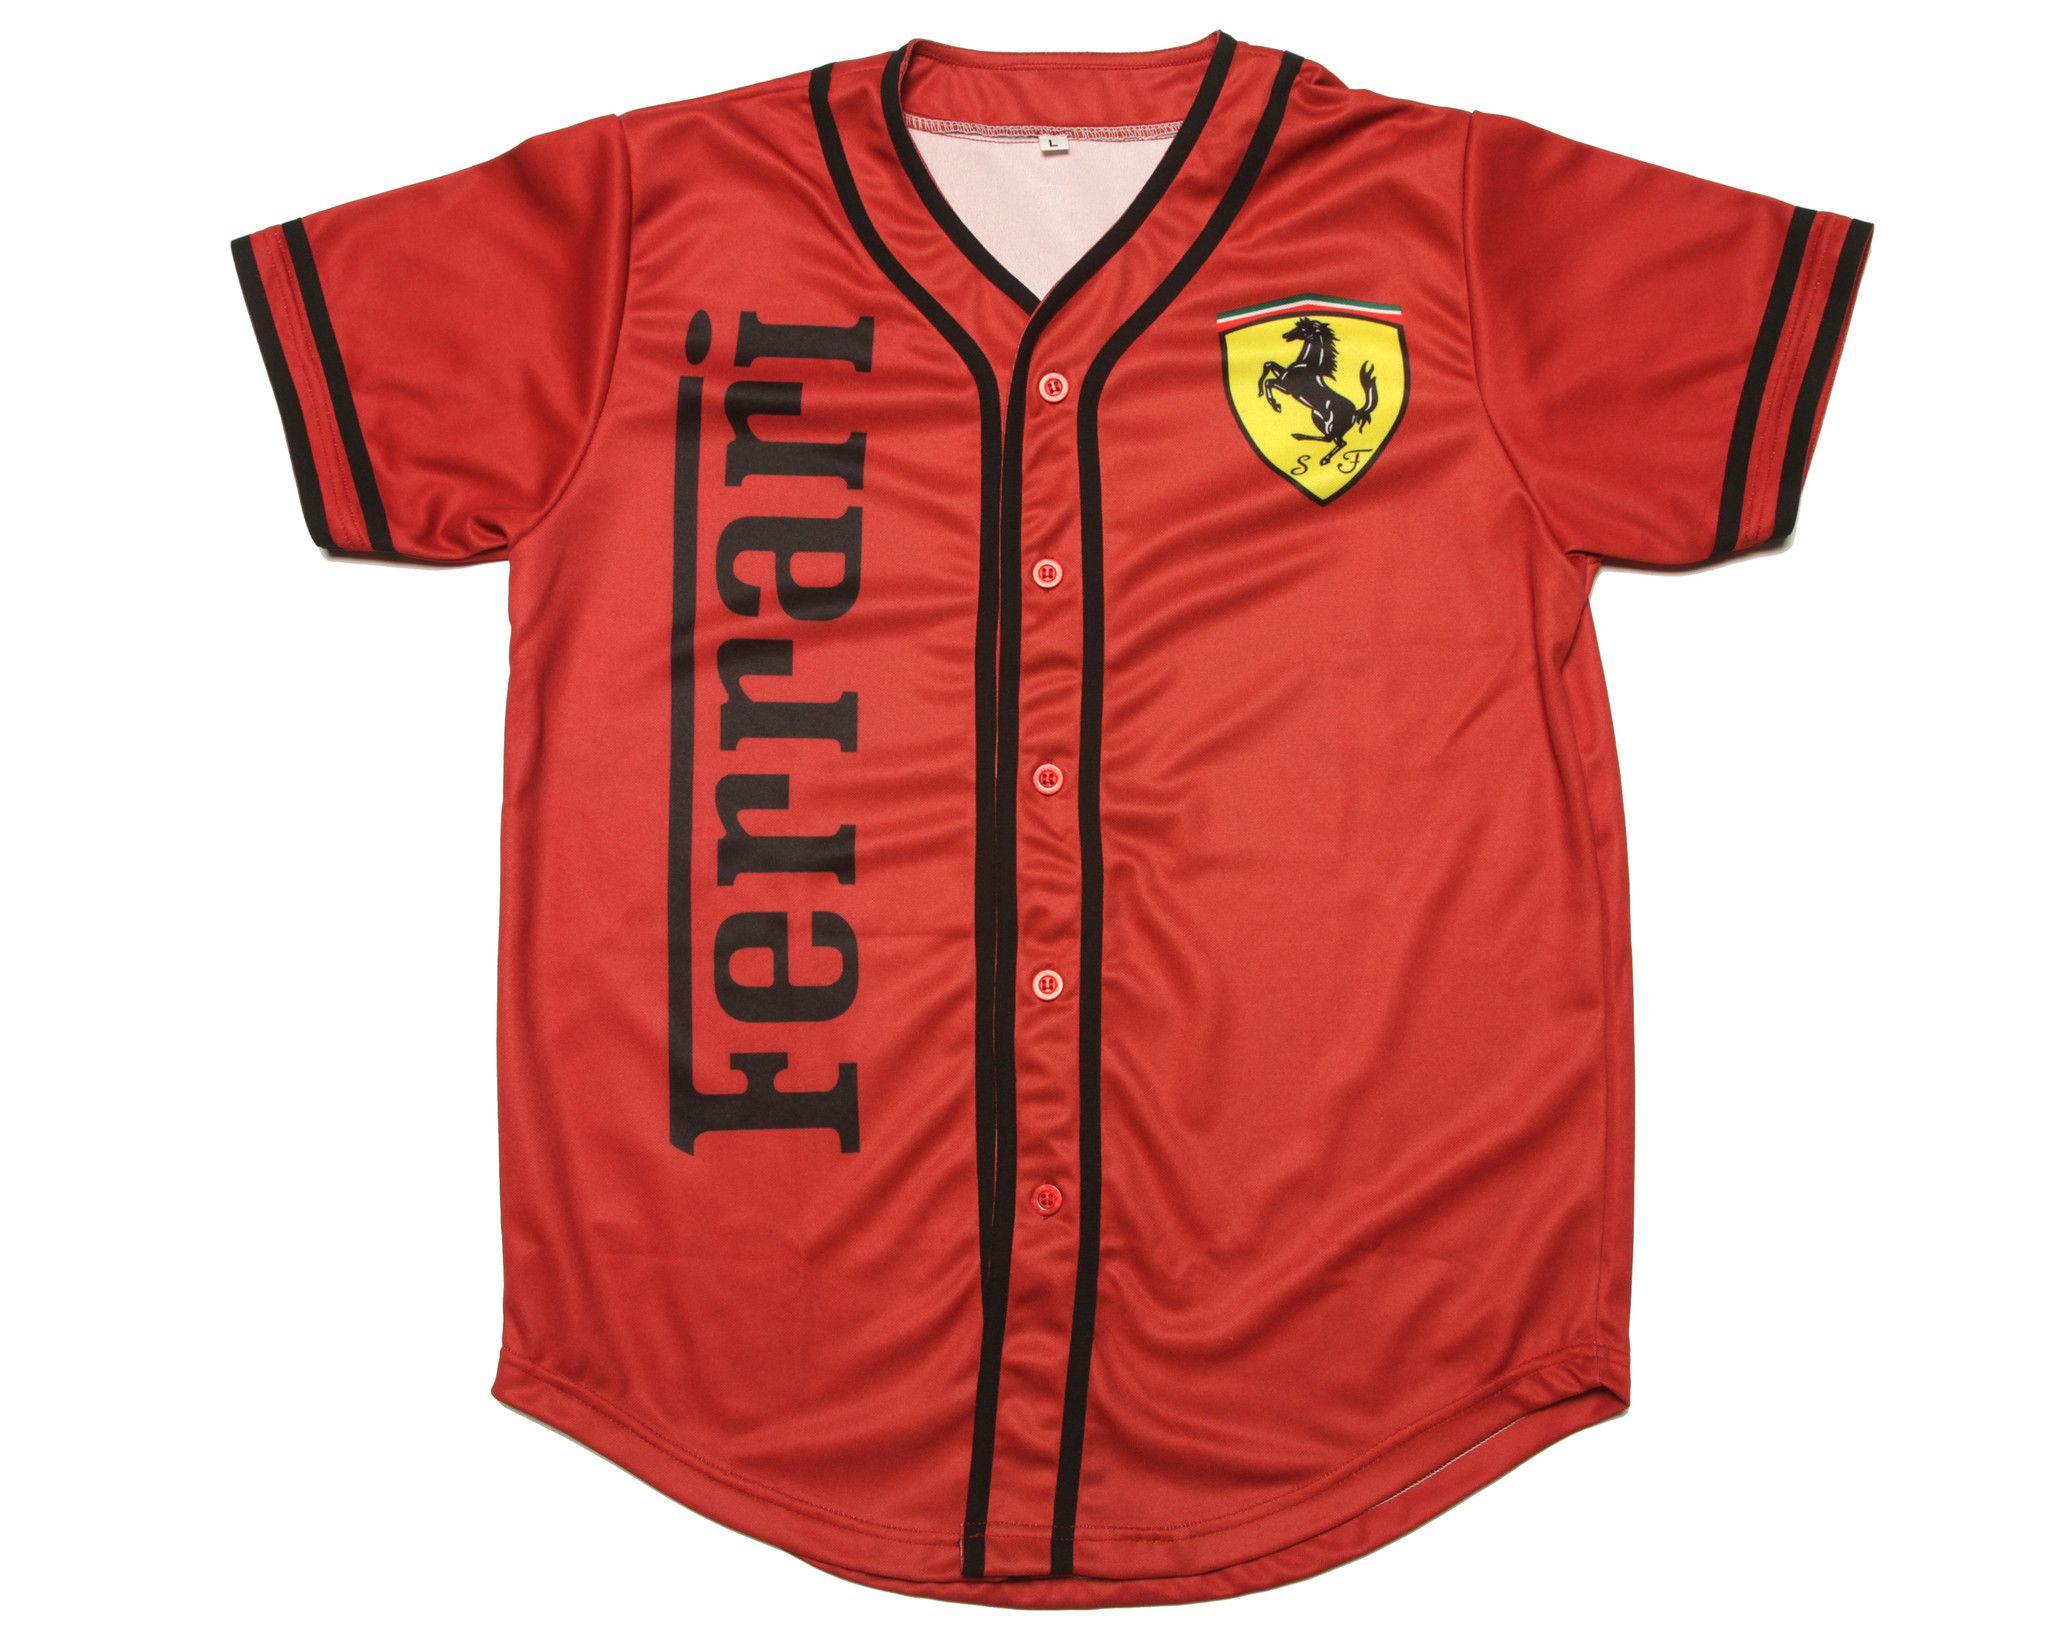 67b4be7de7c1ad air jordan 14 ferrari shirt